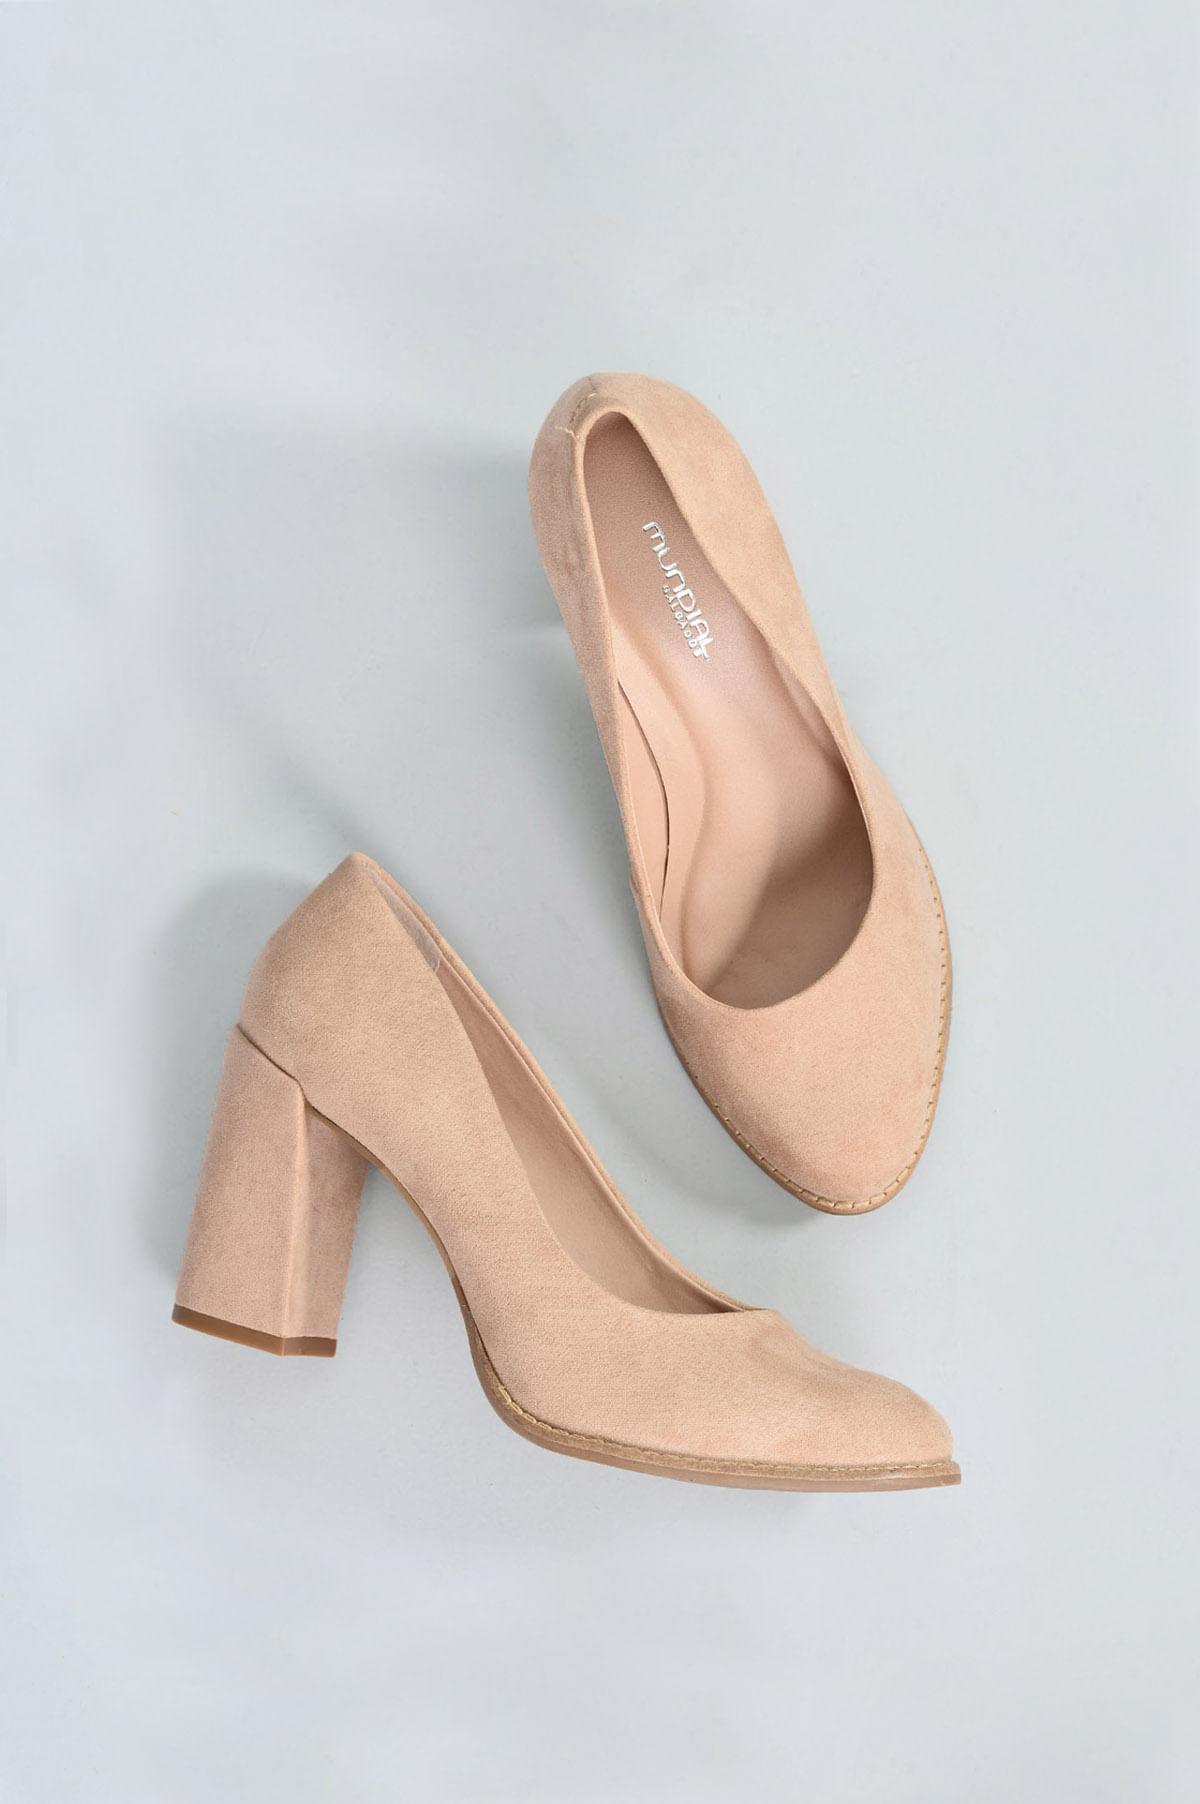 0a0356f0e9a31 Sapato Feminino Salto Alto Blaise Mundial CAM - NUDE - Mundial Calçados